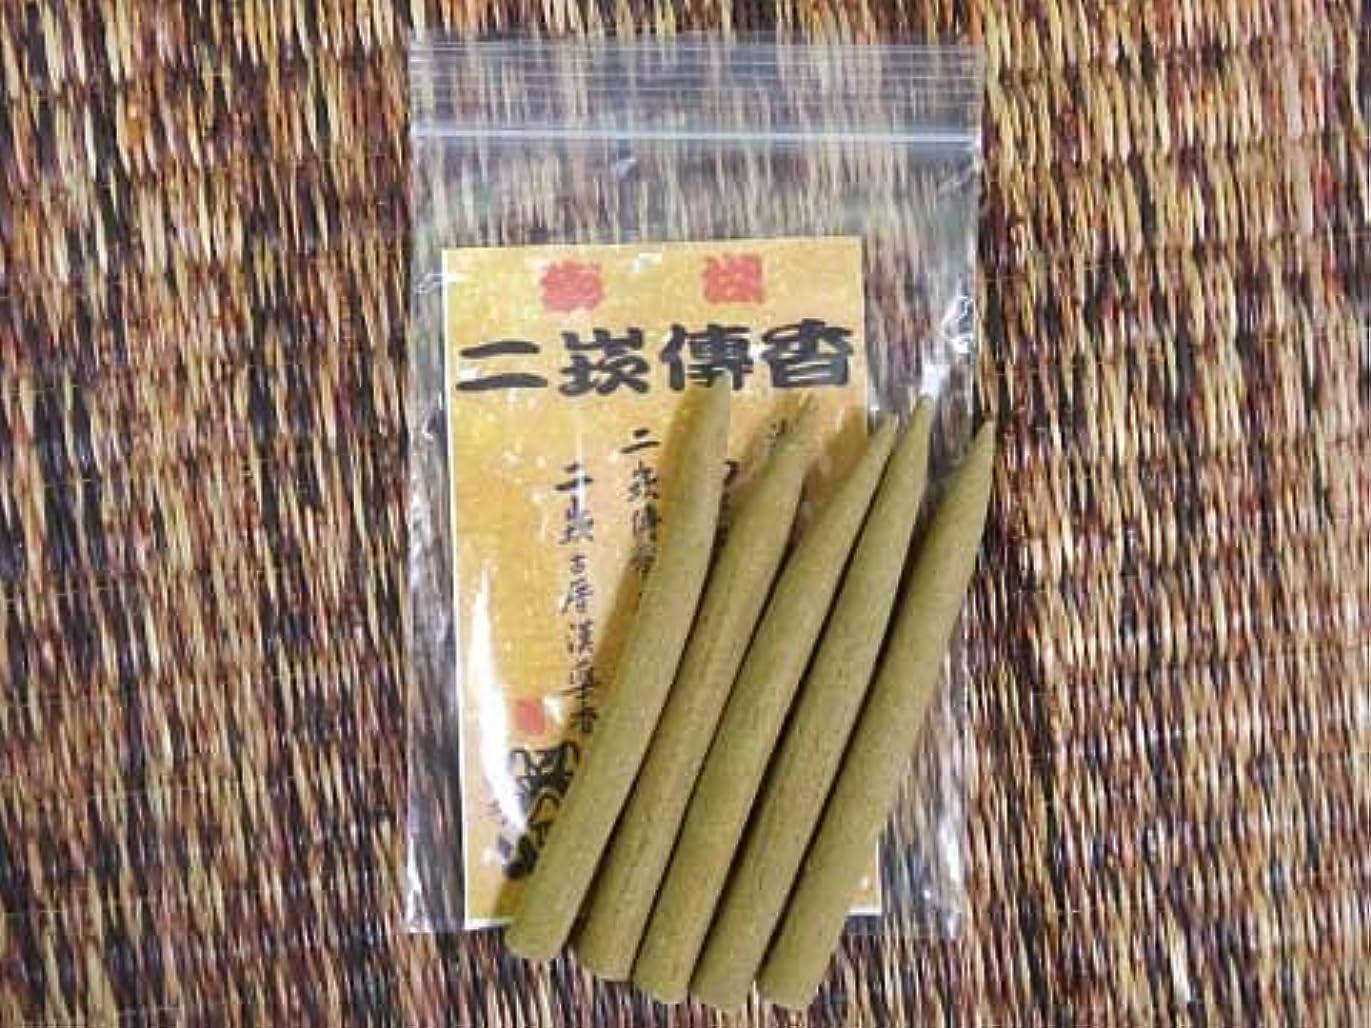 レンズギャラリースケジュールニガンハクコウ 【二 傳香(大)】台湾は澎湖島でのみ作られている伝統的な魔除香